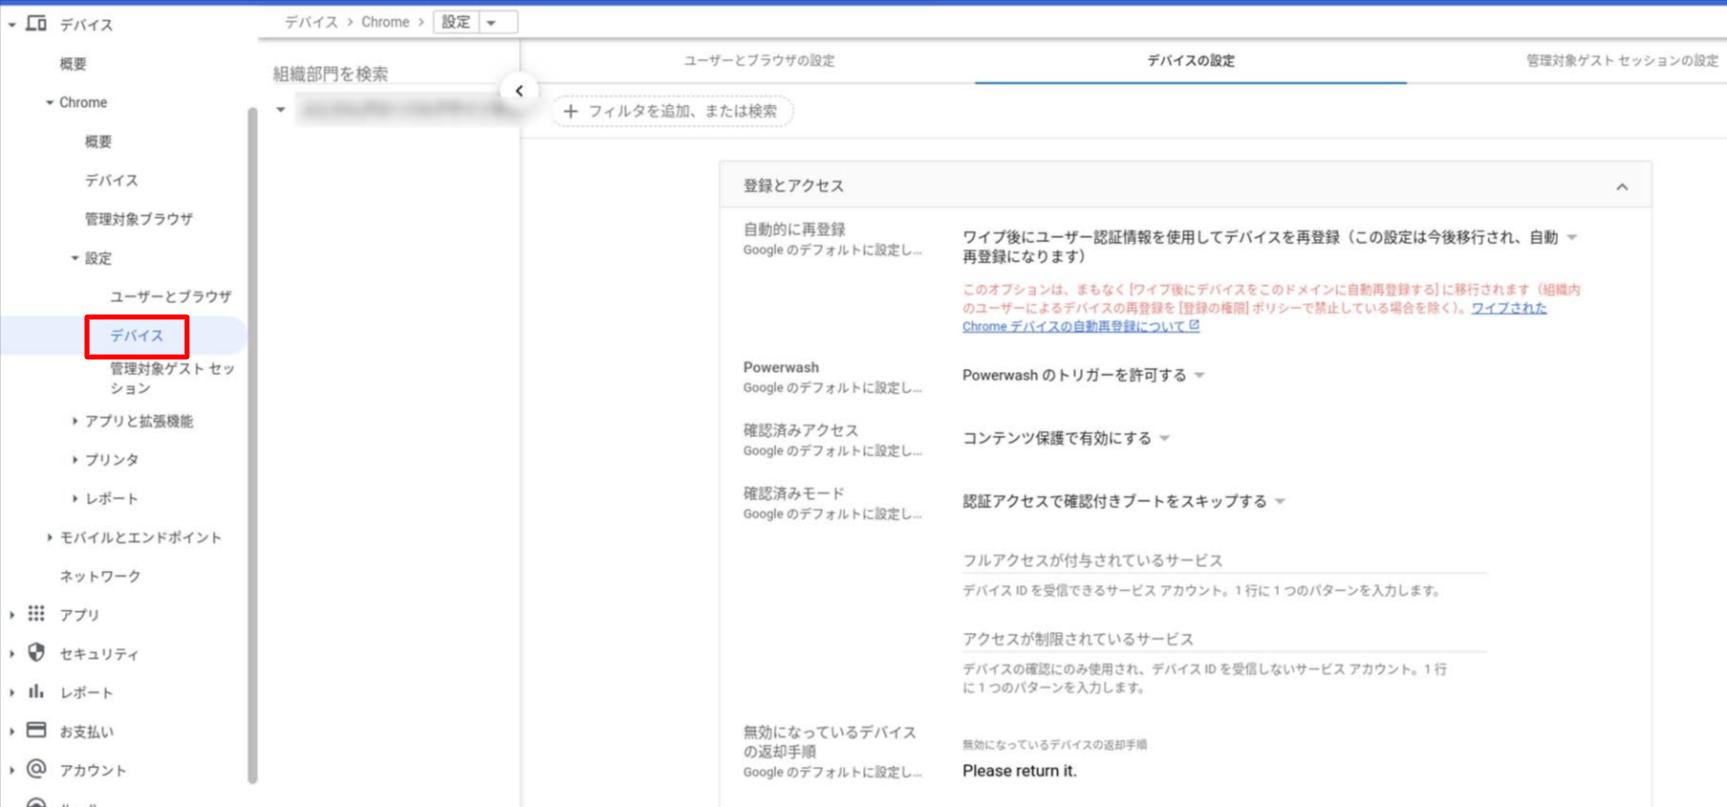 組織で使う Chrome OS のメリット、デメリットとは05